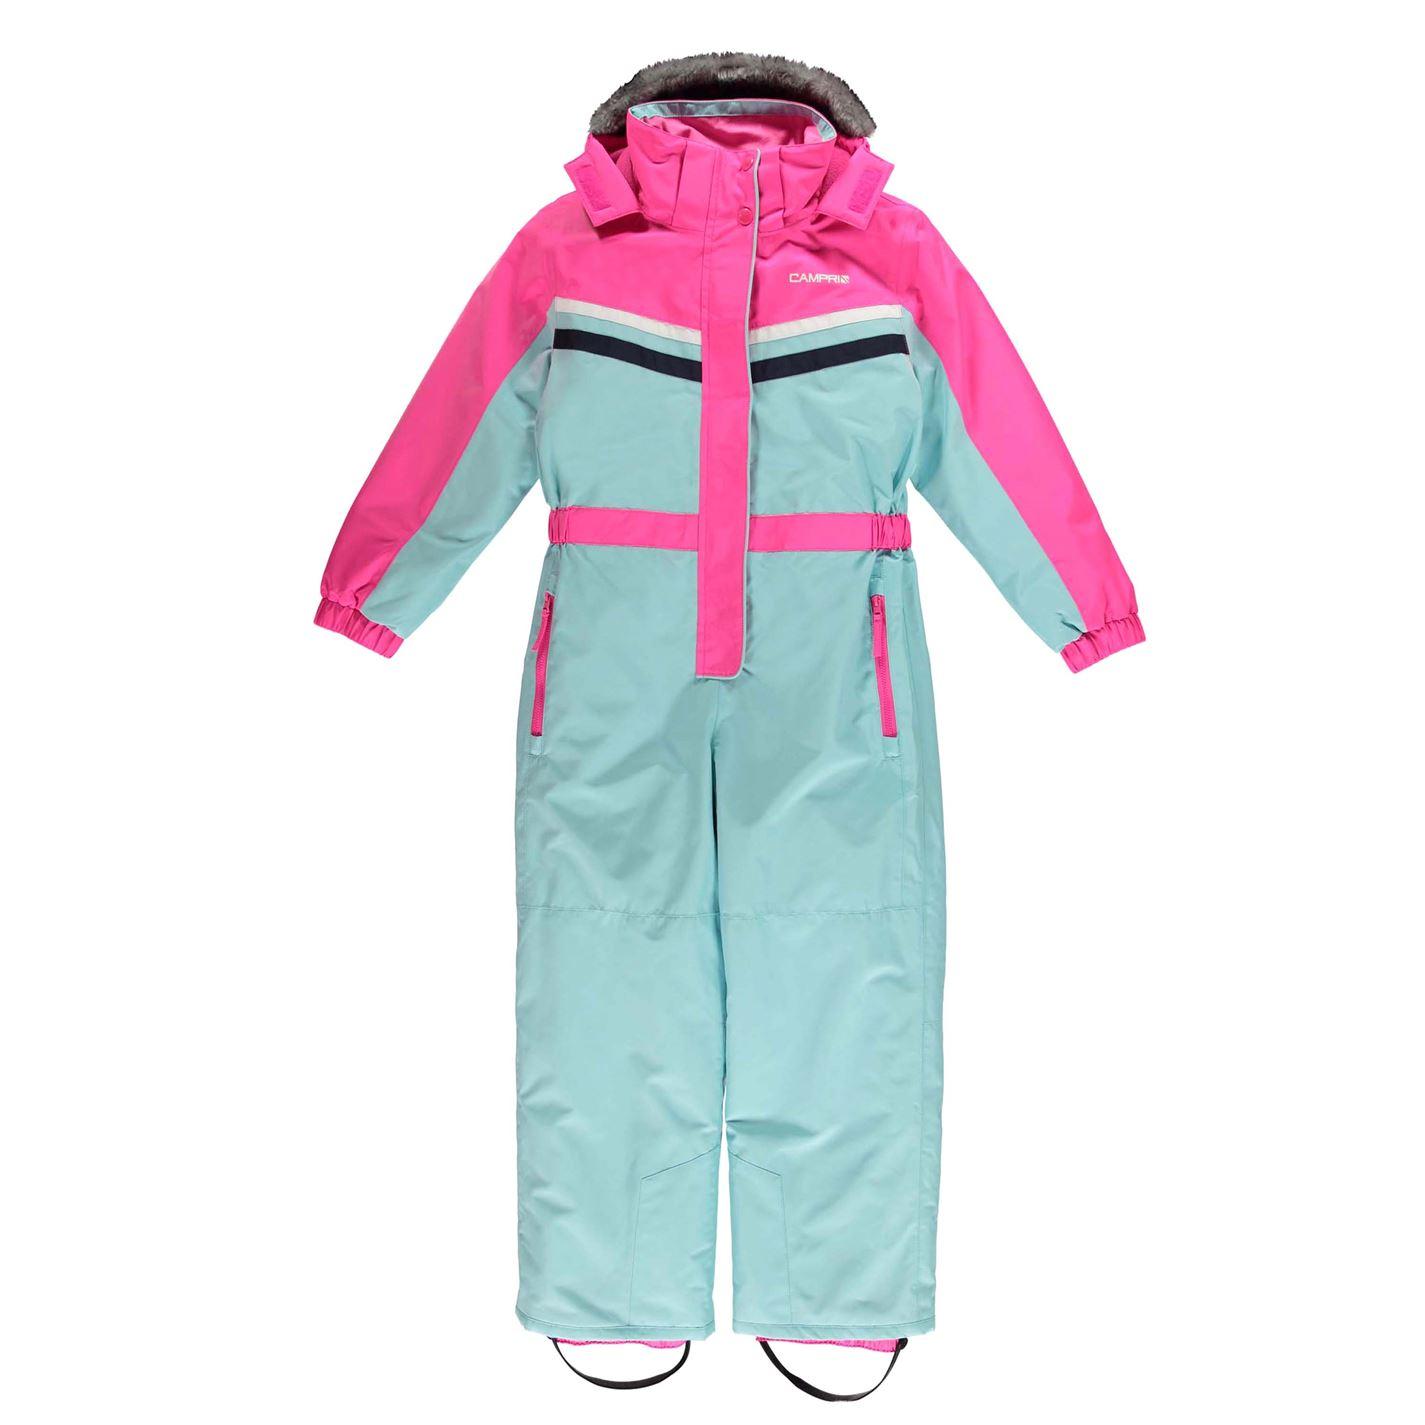 Mergi la Campri Suit pentru copii roz albastru